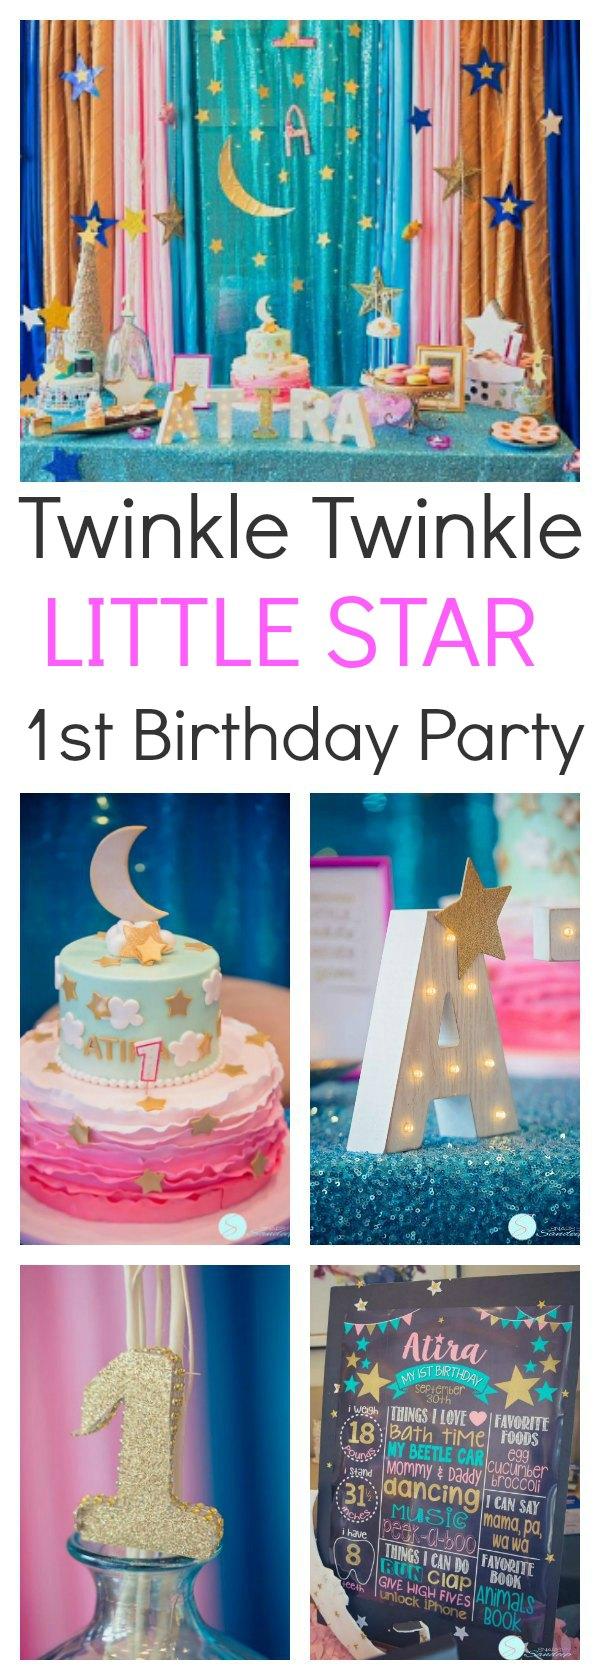 twinkle twinkle little star birthday party